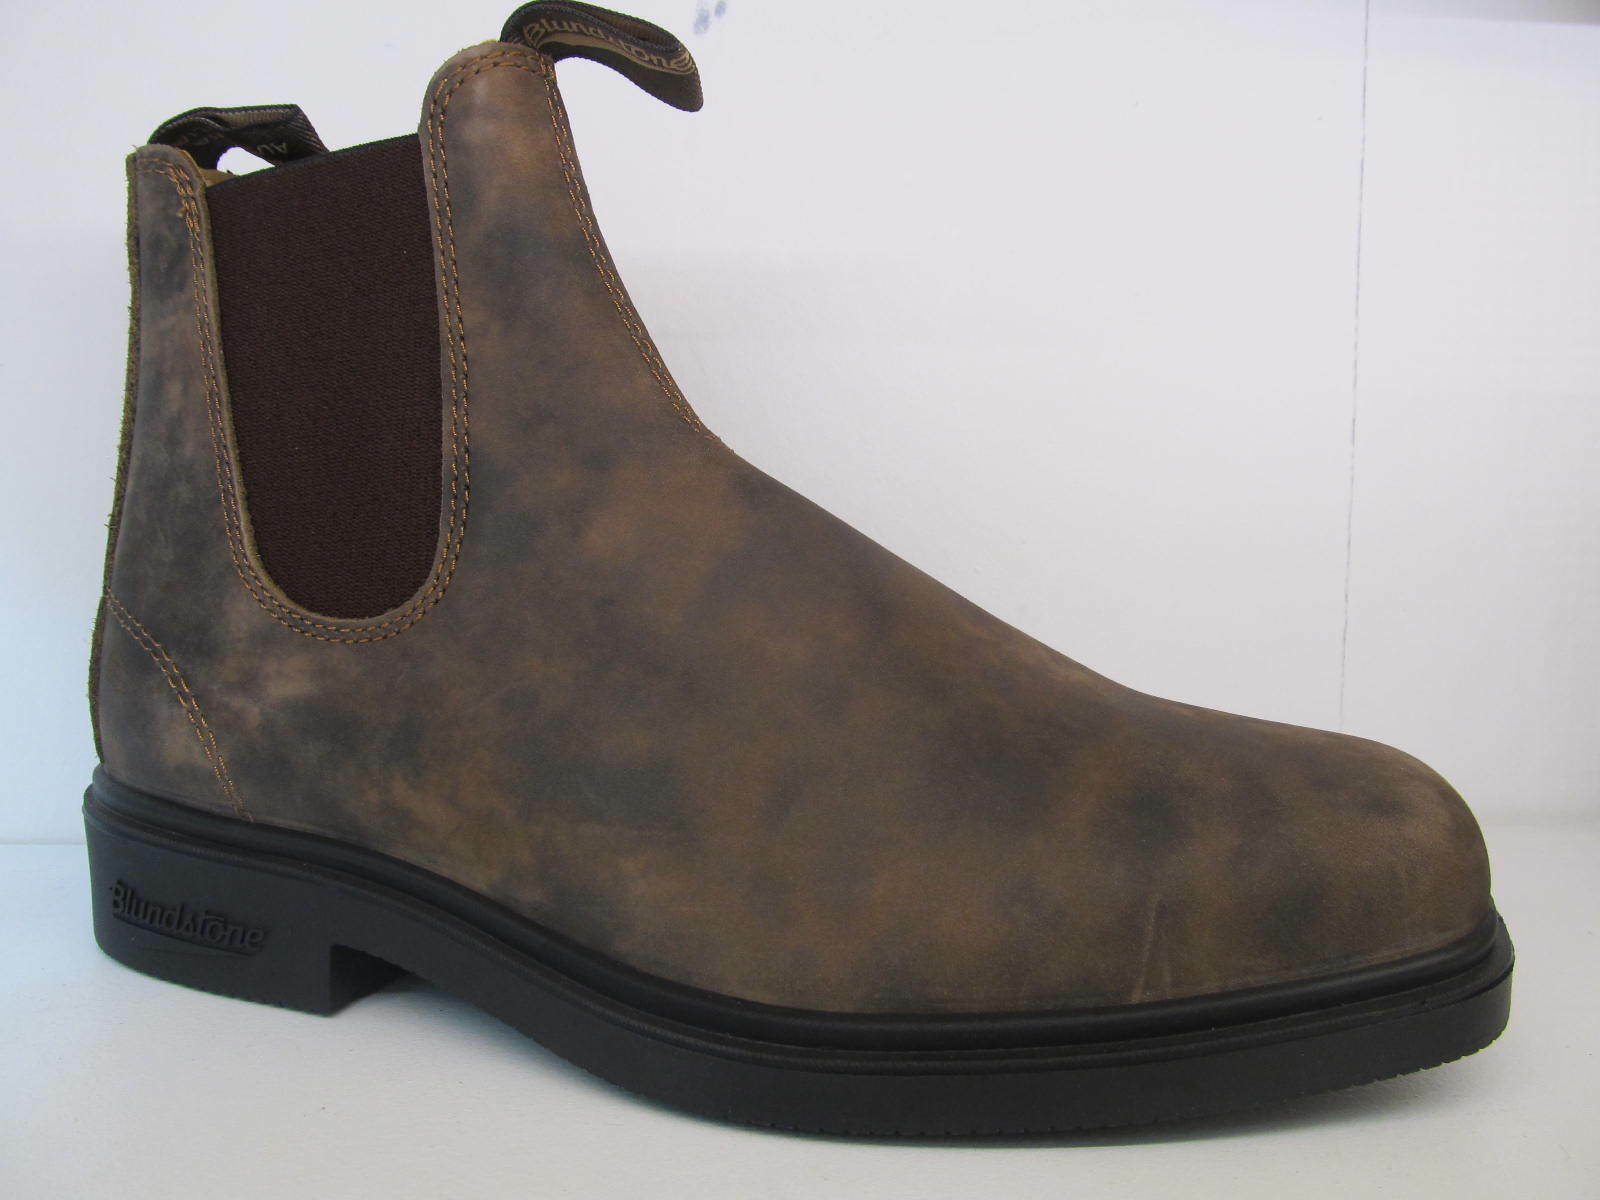 Blundstone RUSTICO 1306 elastici in pelle Caviglia marrone lati vestito alla Caviglia pelle Chelsea Boot SCARPA 20d78e